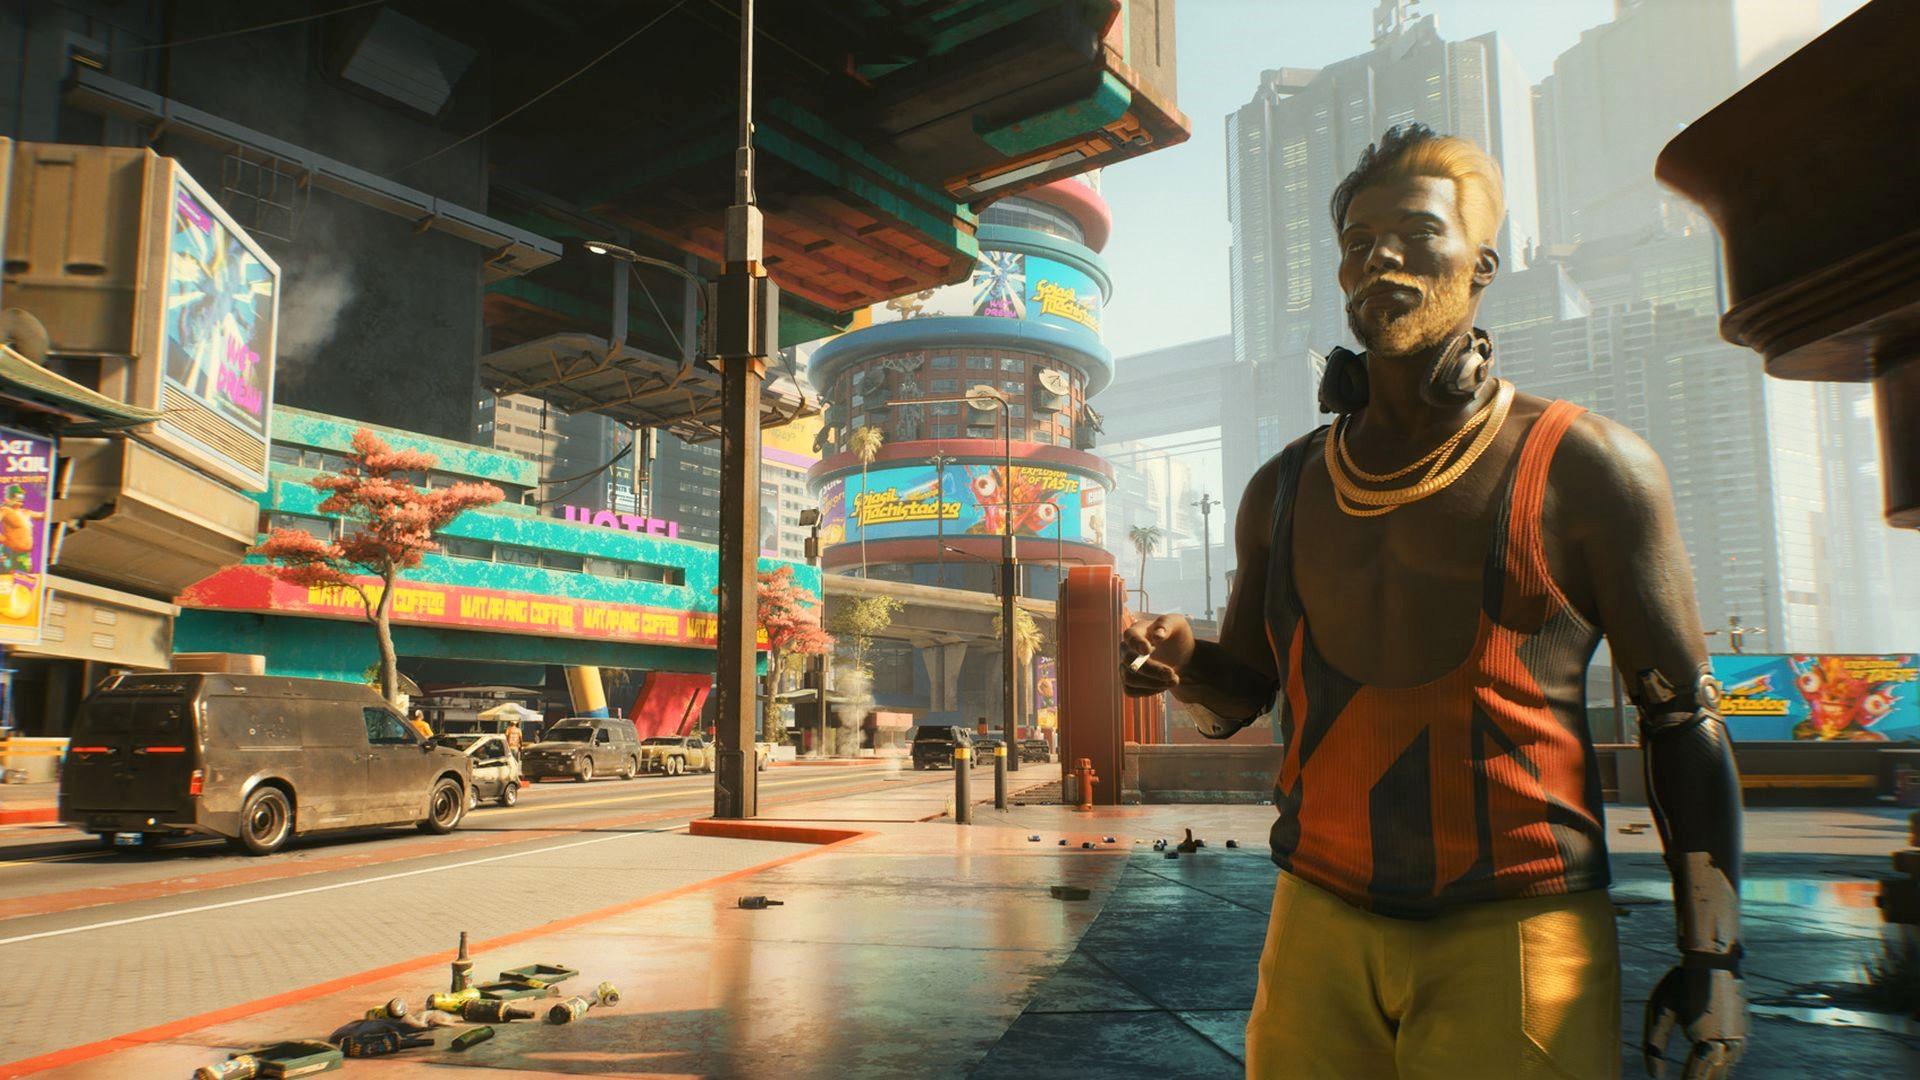 تریلر روز عرضه Cyberpunk 2077 پلیر ها را برای غرق شدن در اعماق نایت سیتی آماده میکند